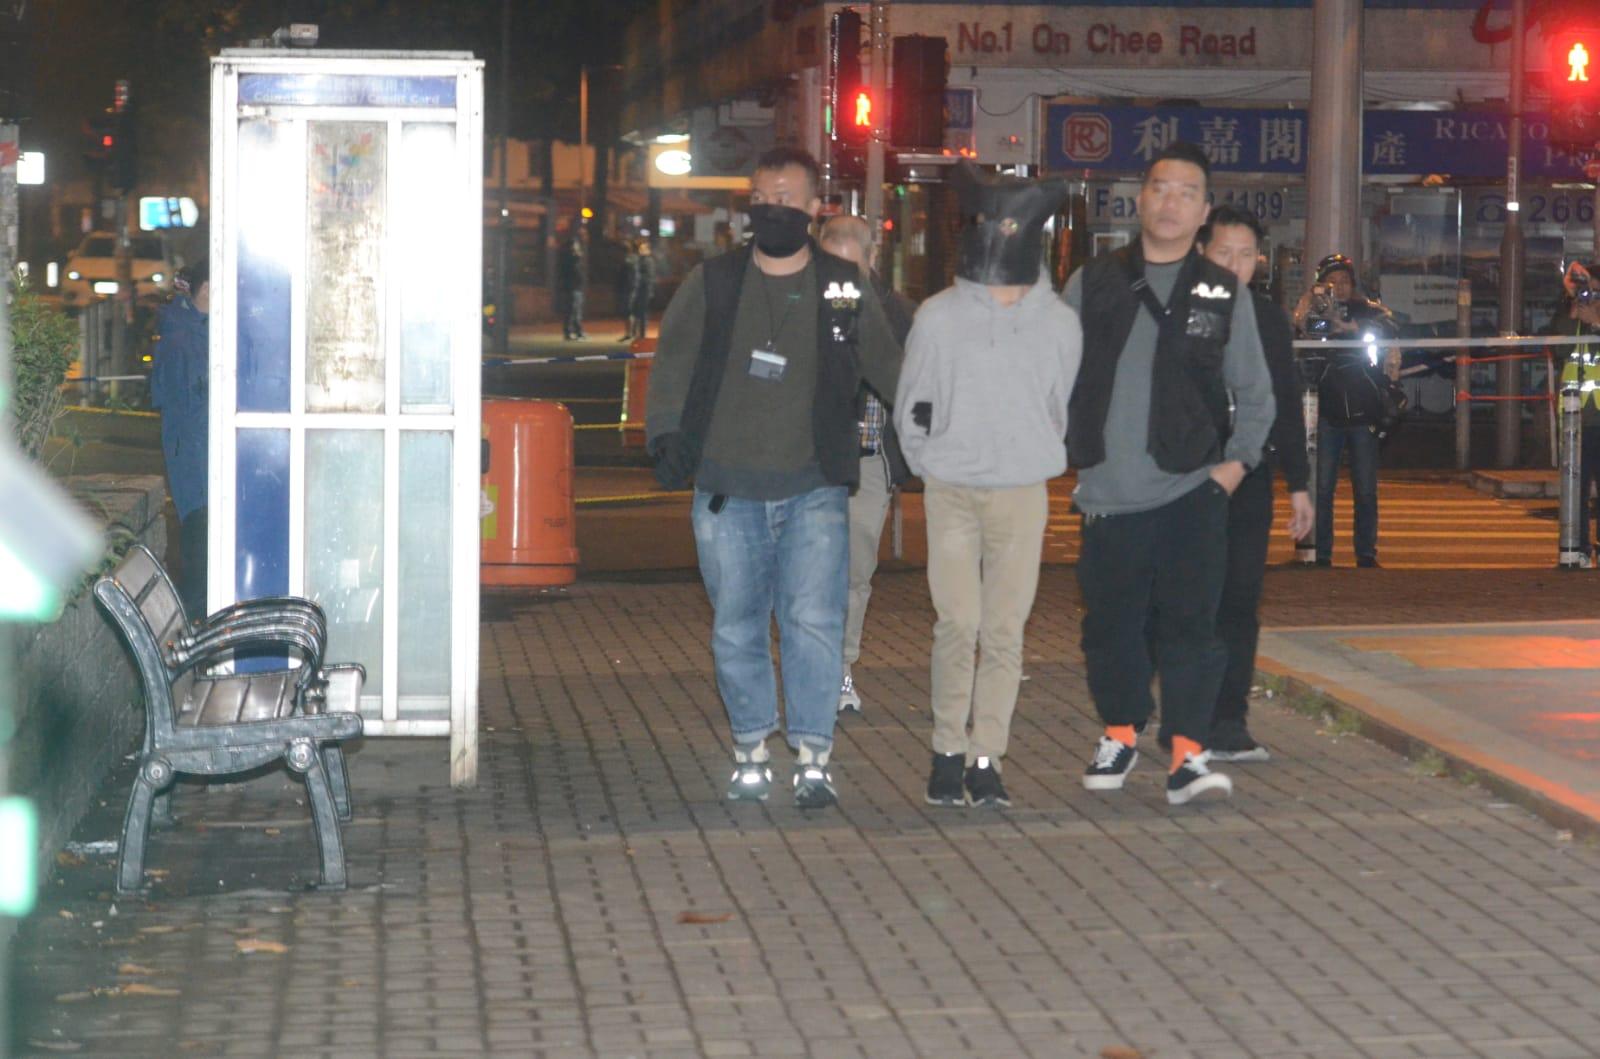 【大埔开枪案】18岁疑犯粉岭法院提堂 其馀6被捕男女保释候查